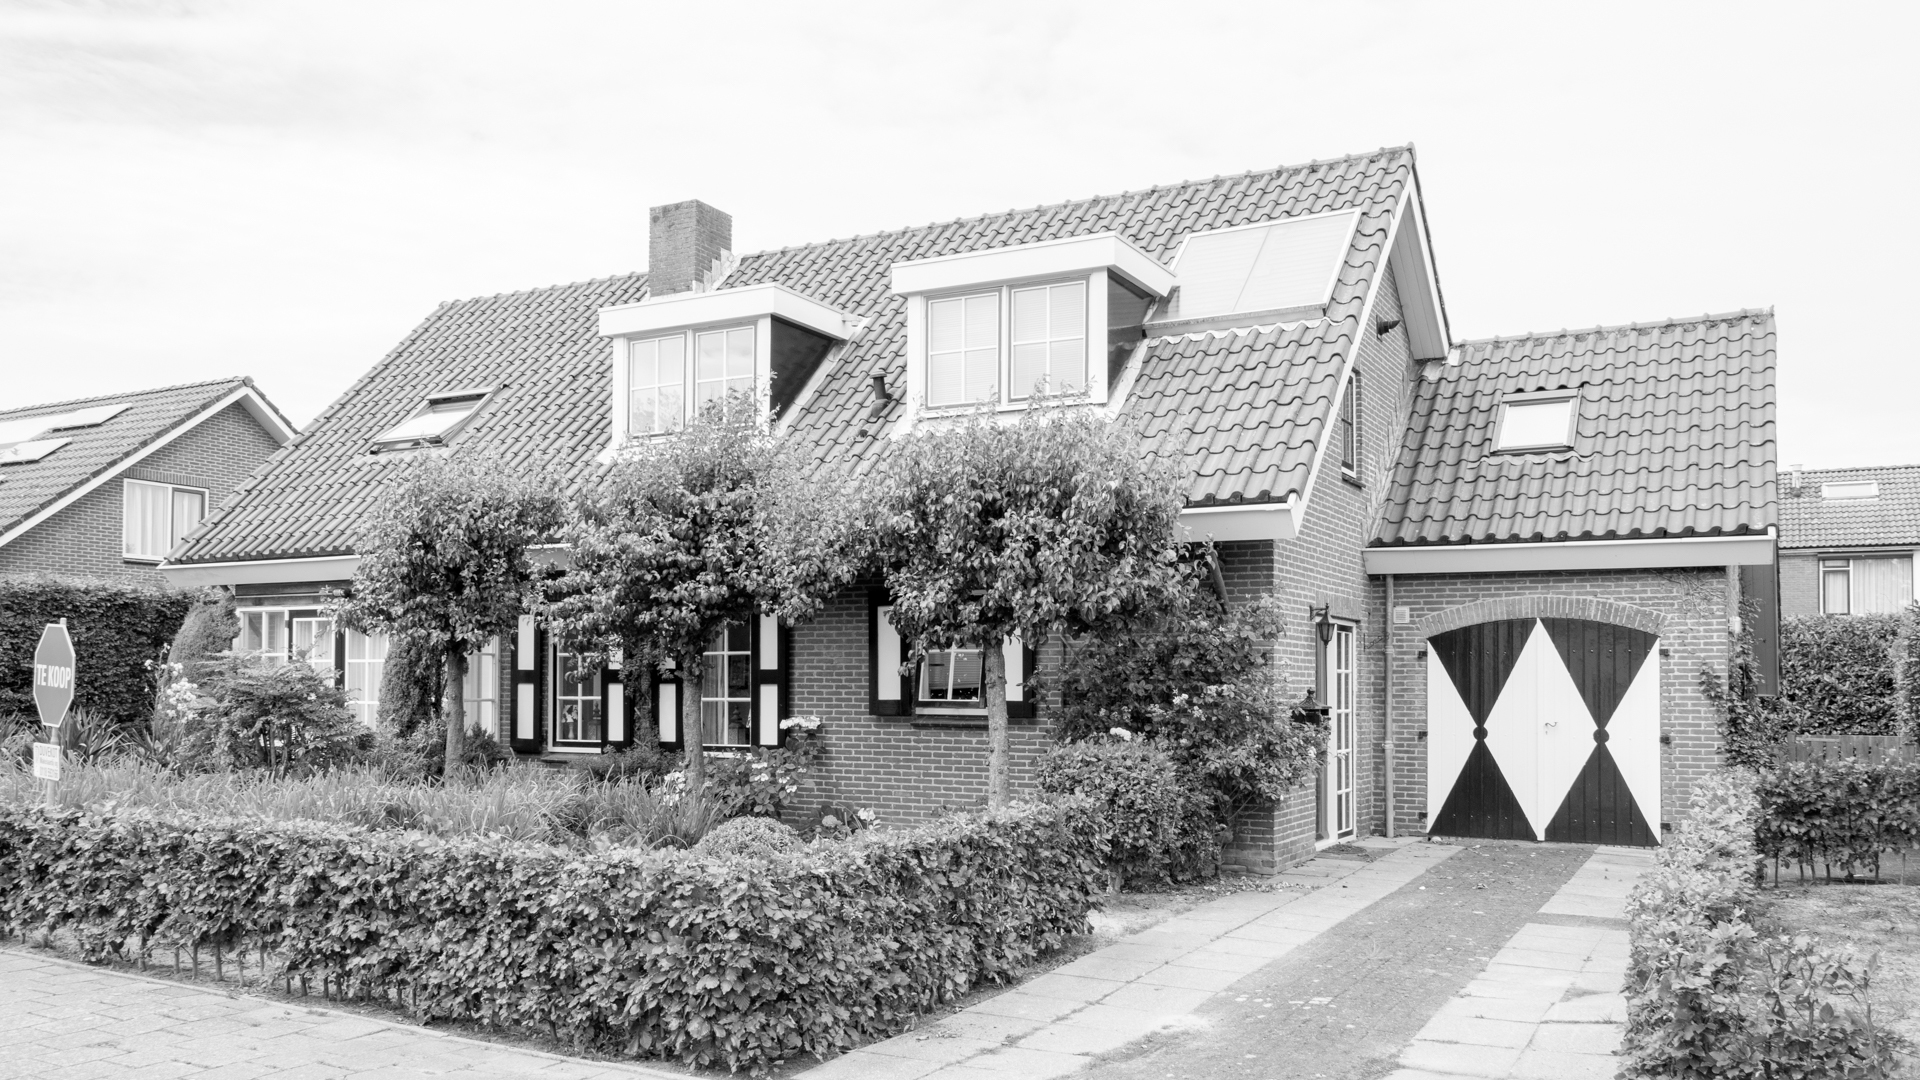 Nieuwstraat 24 vrouwenpolder duvekot makelaardijduvekot makelaardij - Geavanceerd zoeken ...